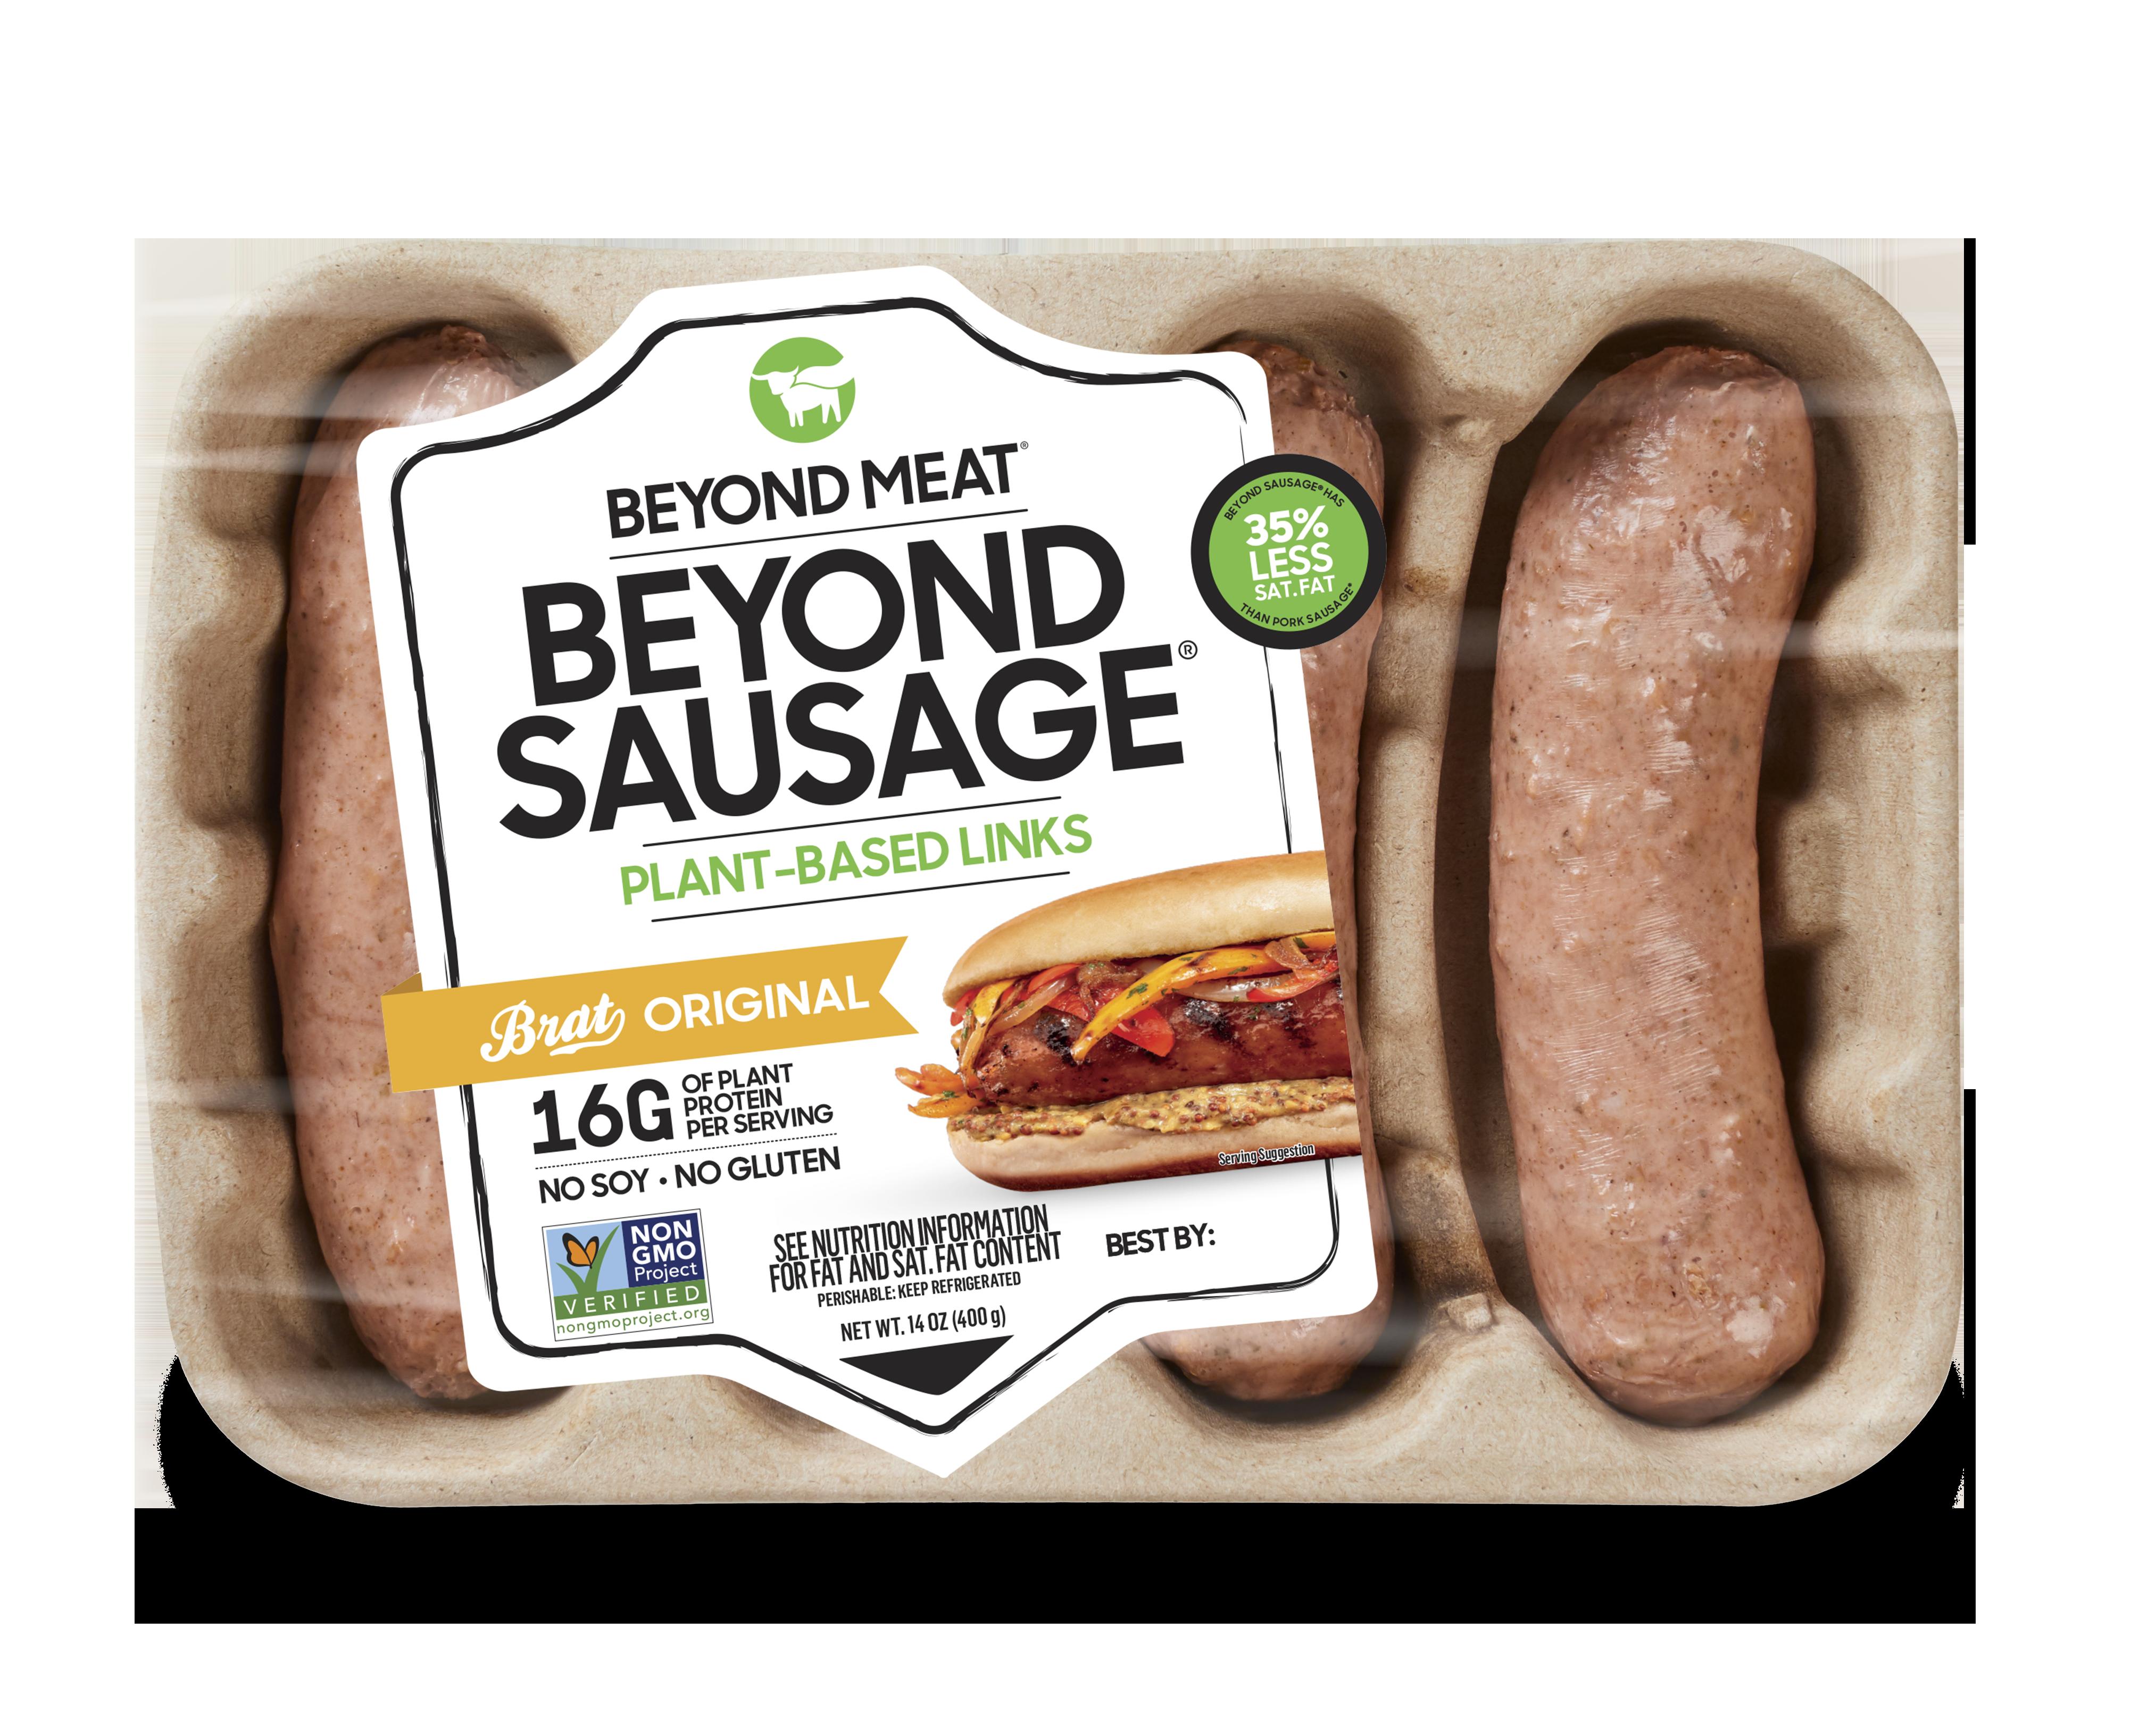 Beyond Sausage packaging